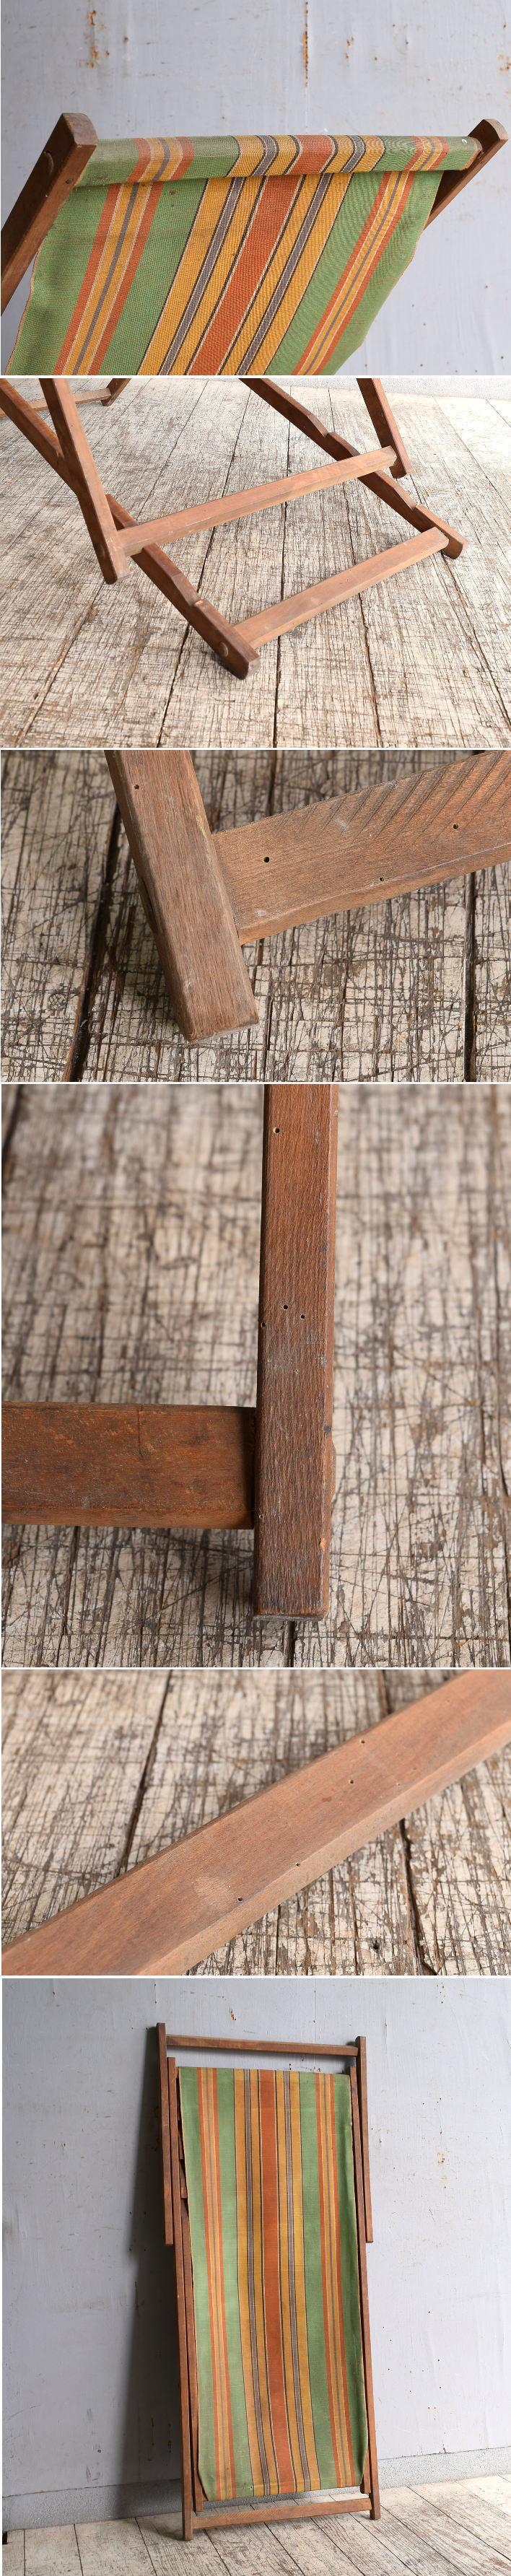 イギリス アンティーク フォールディングデッキチェア 椅子 10239